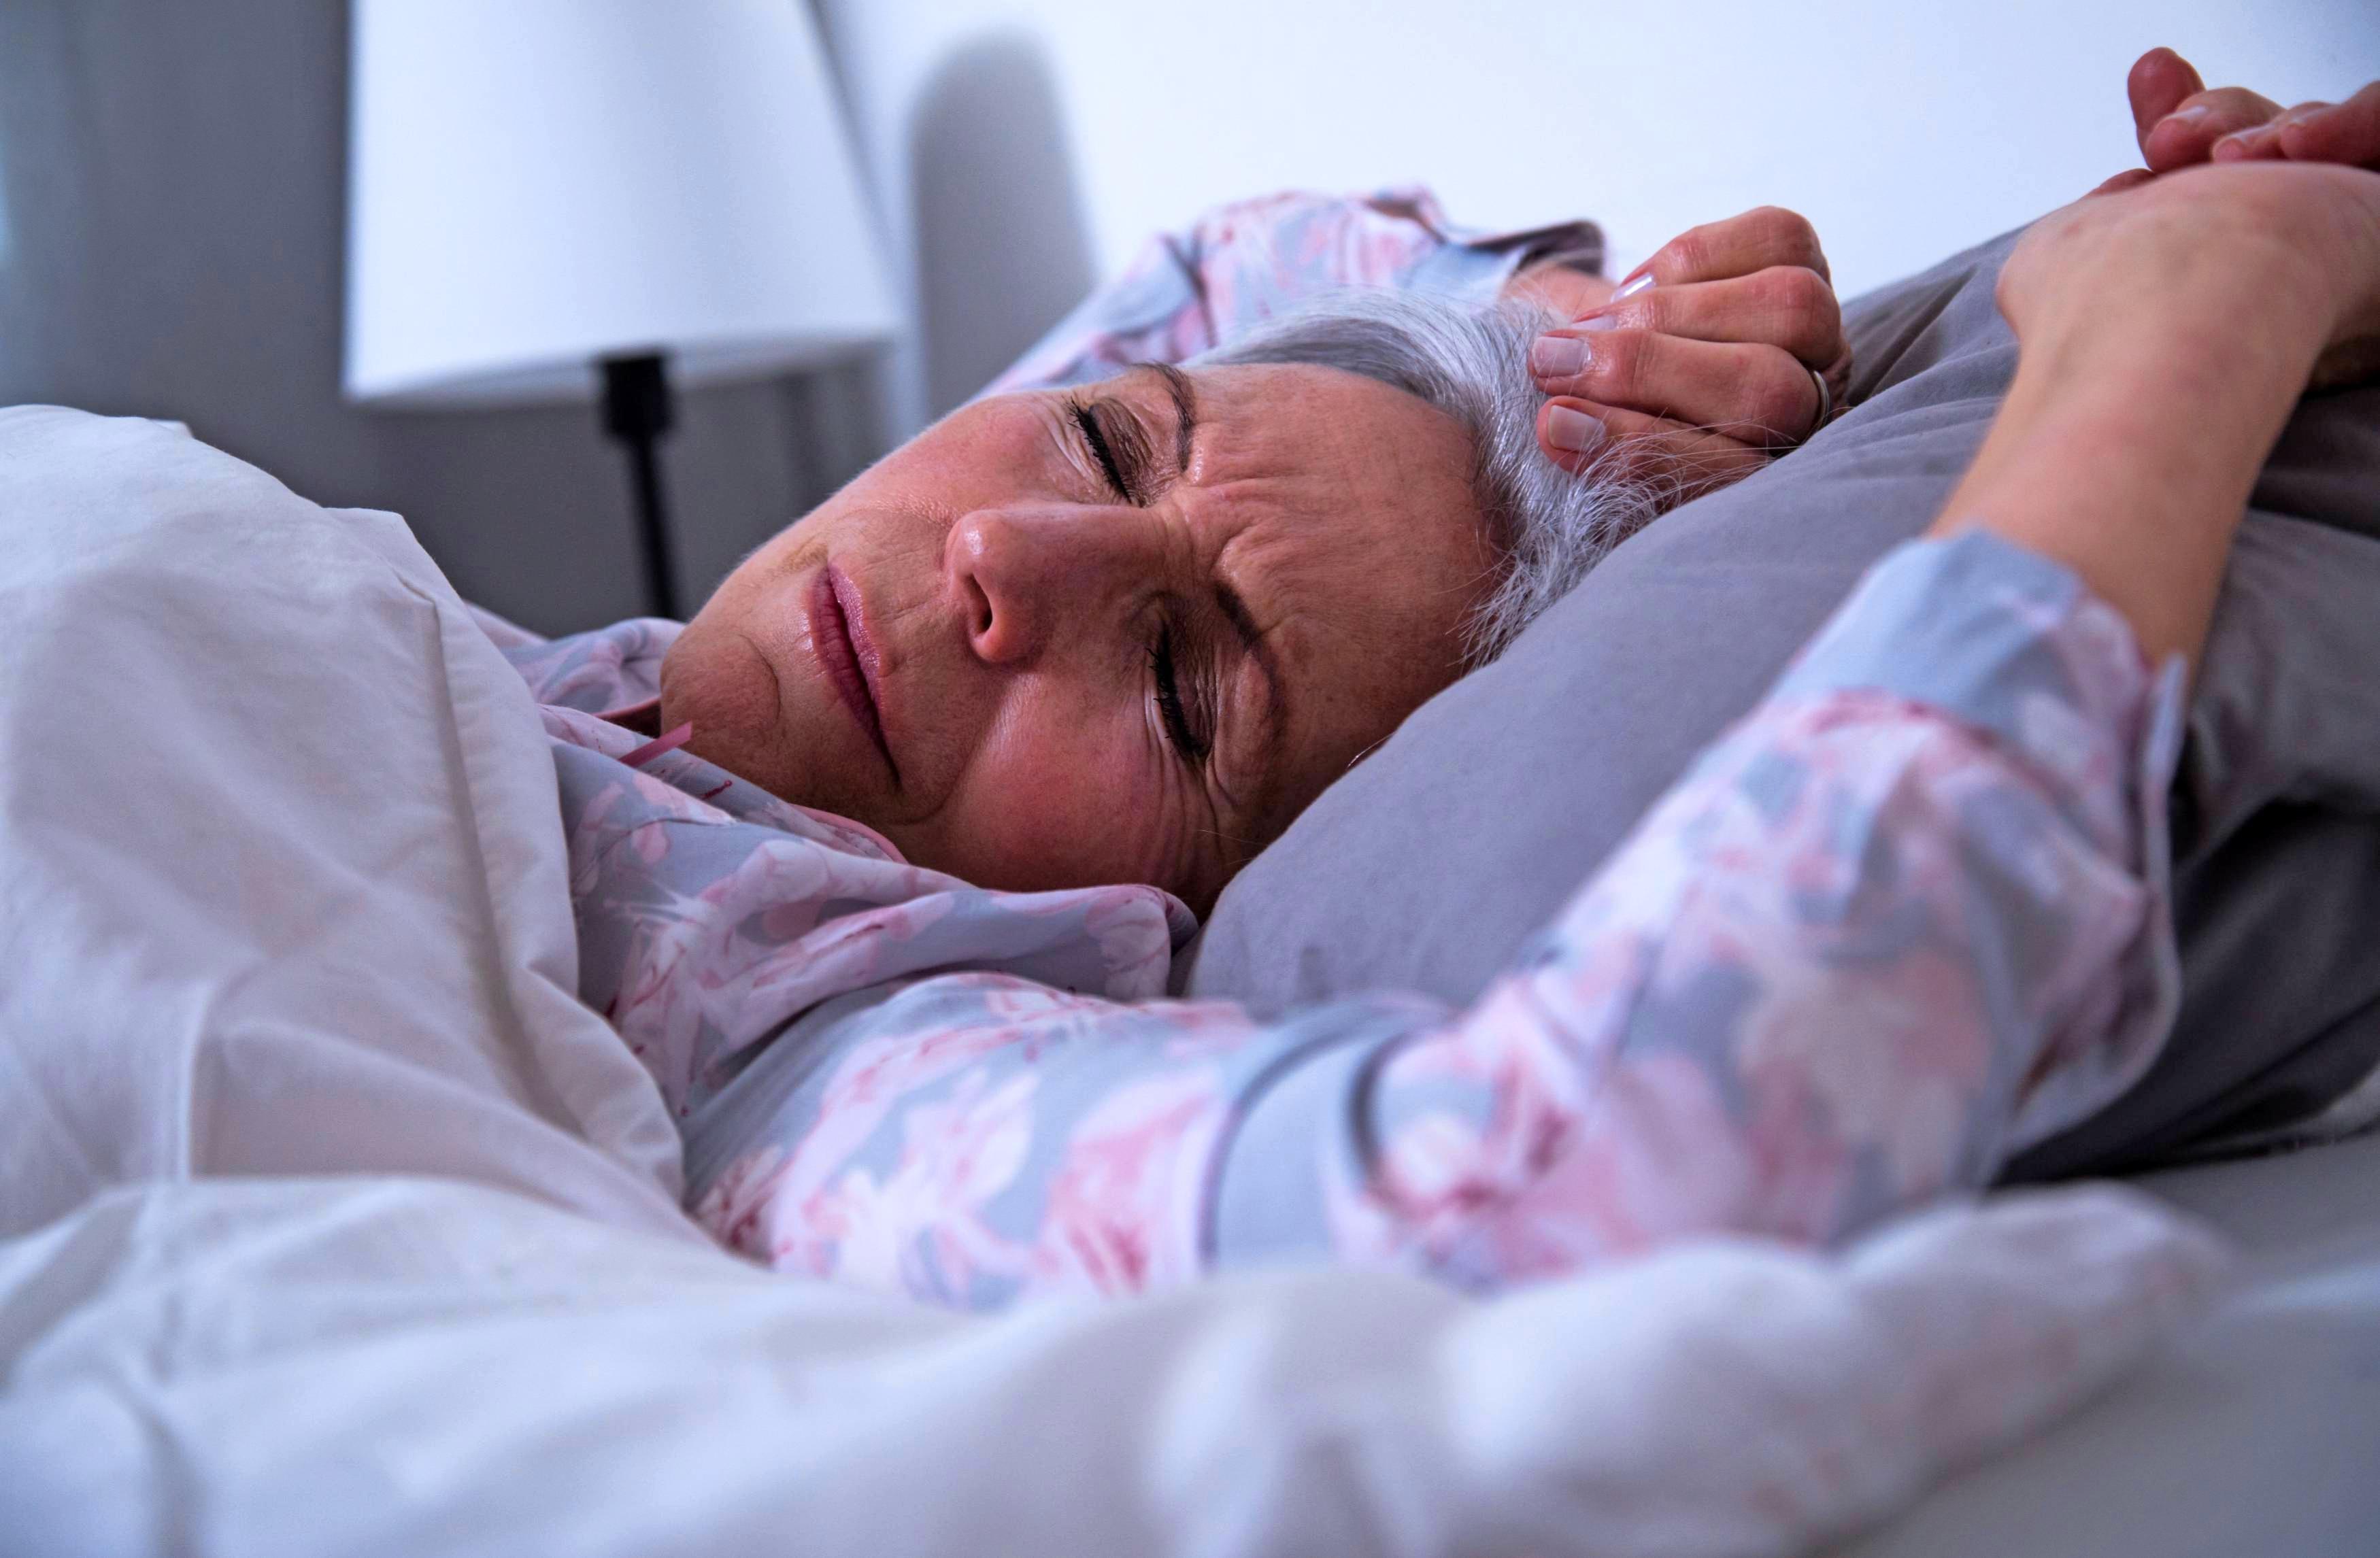 Auch chronische Schmerzen oder Erkrankungen können Ursache für eine geringe Schlafqualität im Alter sein. Foto: Christin Klose/dpa-tmn